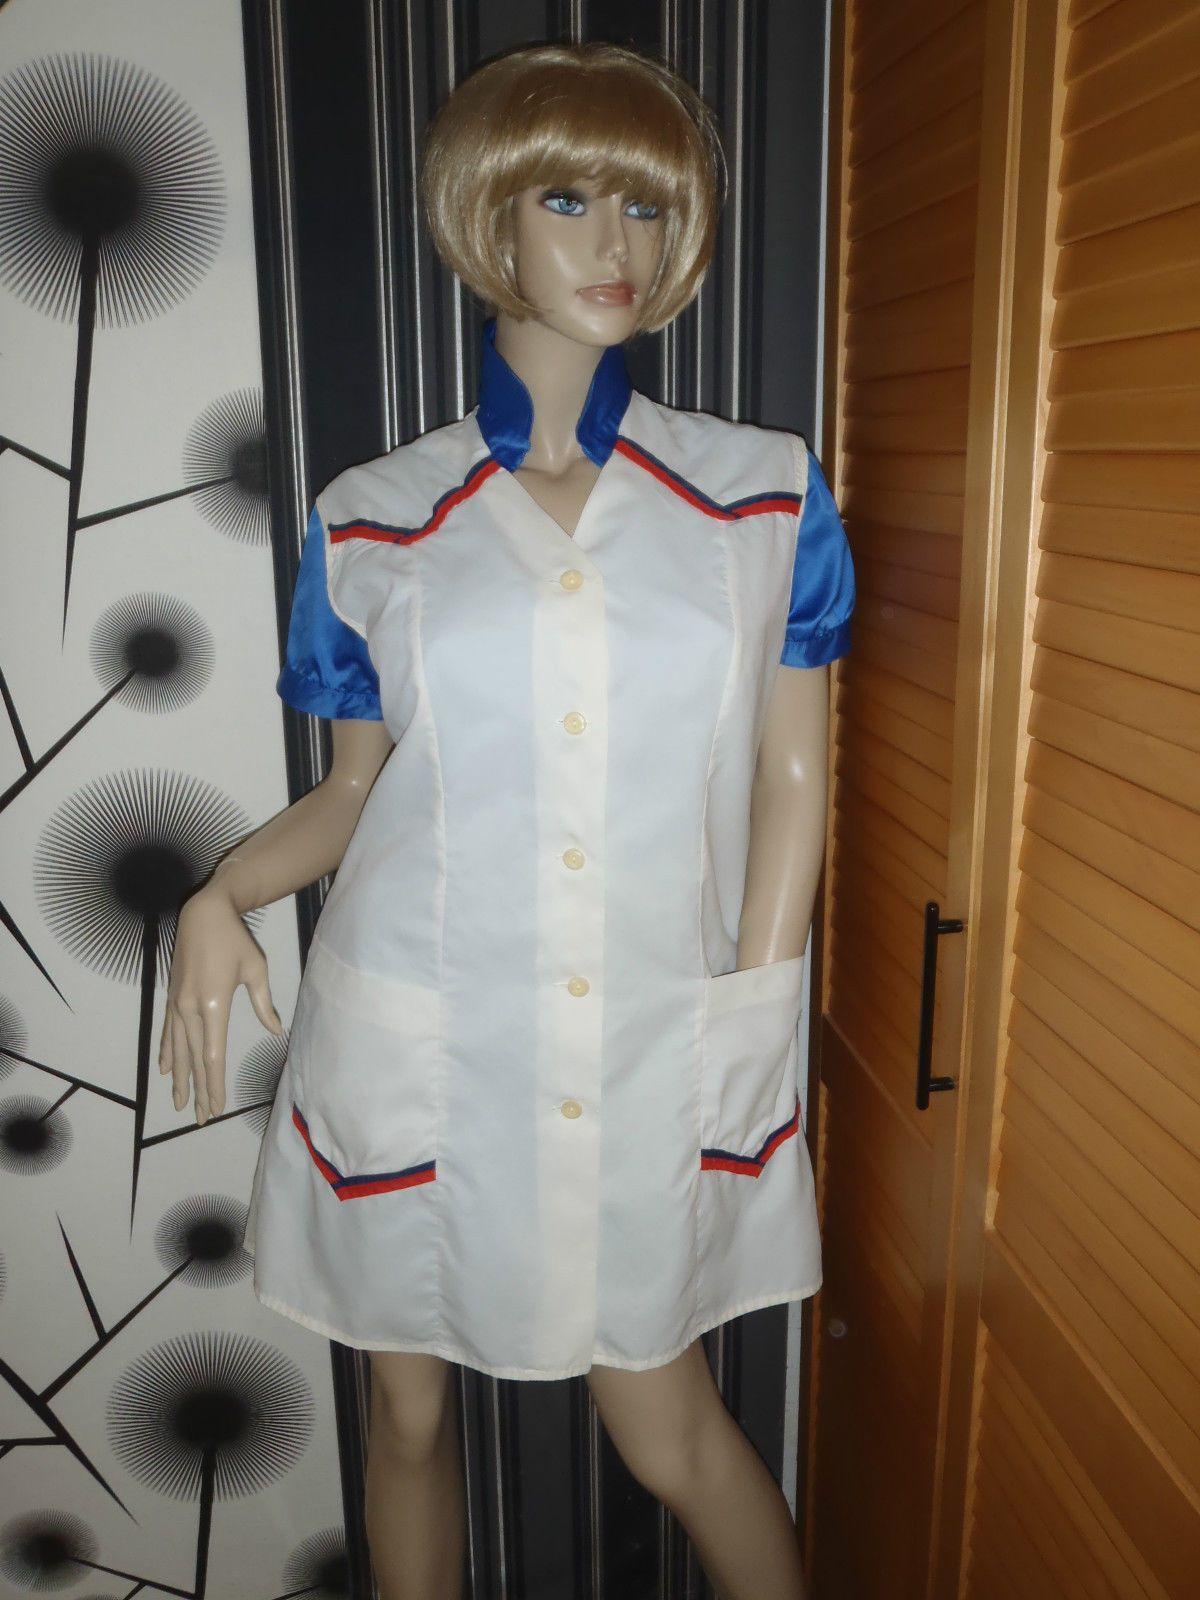 White apron health - Nylon Kittel Sch Rze Xxl Nylon Glanz Blouse Fris R Silk Shiny Apron Overall